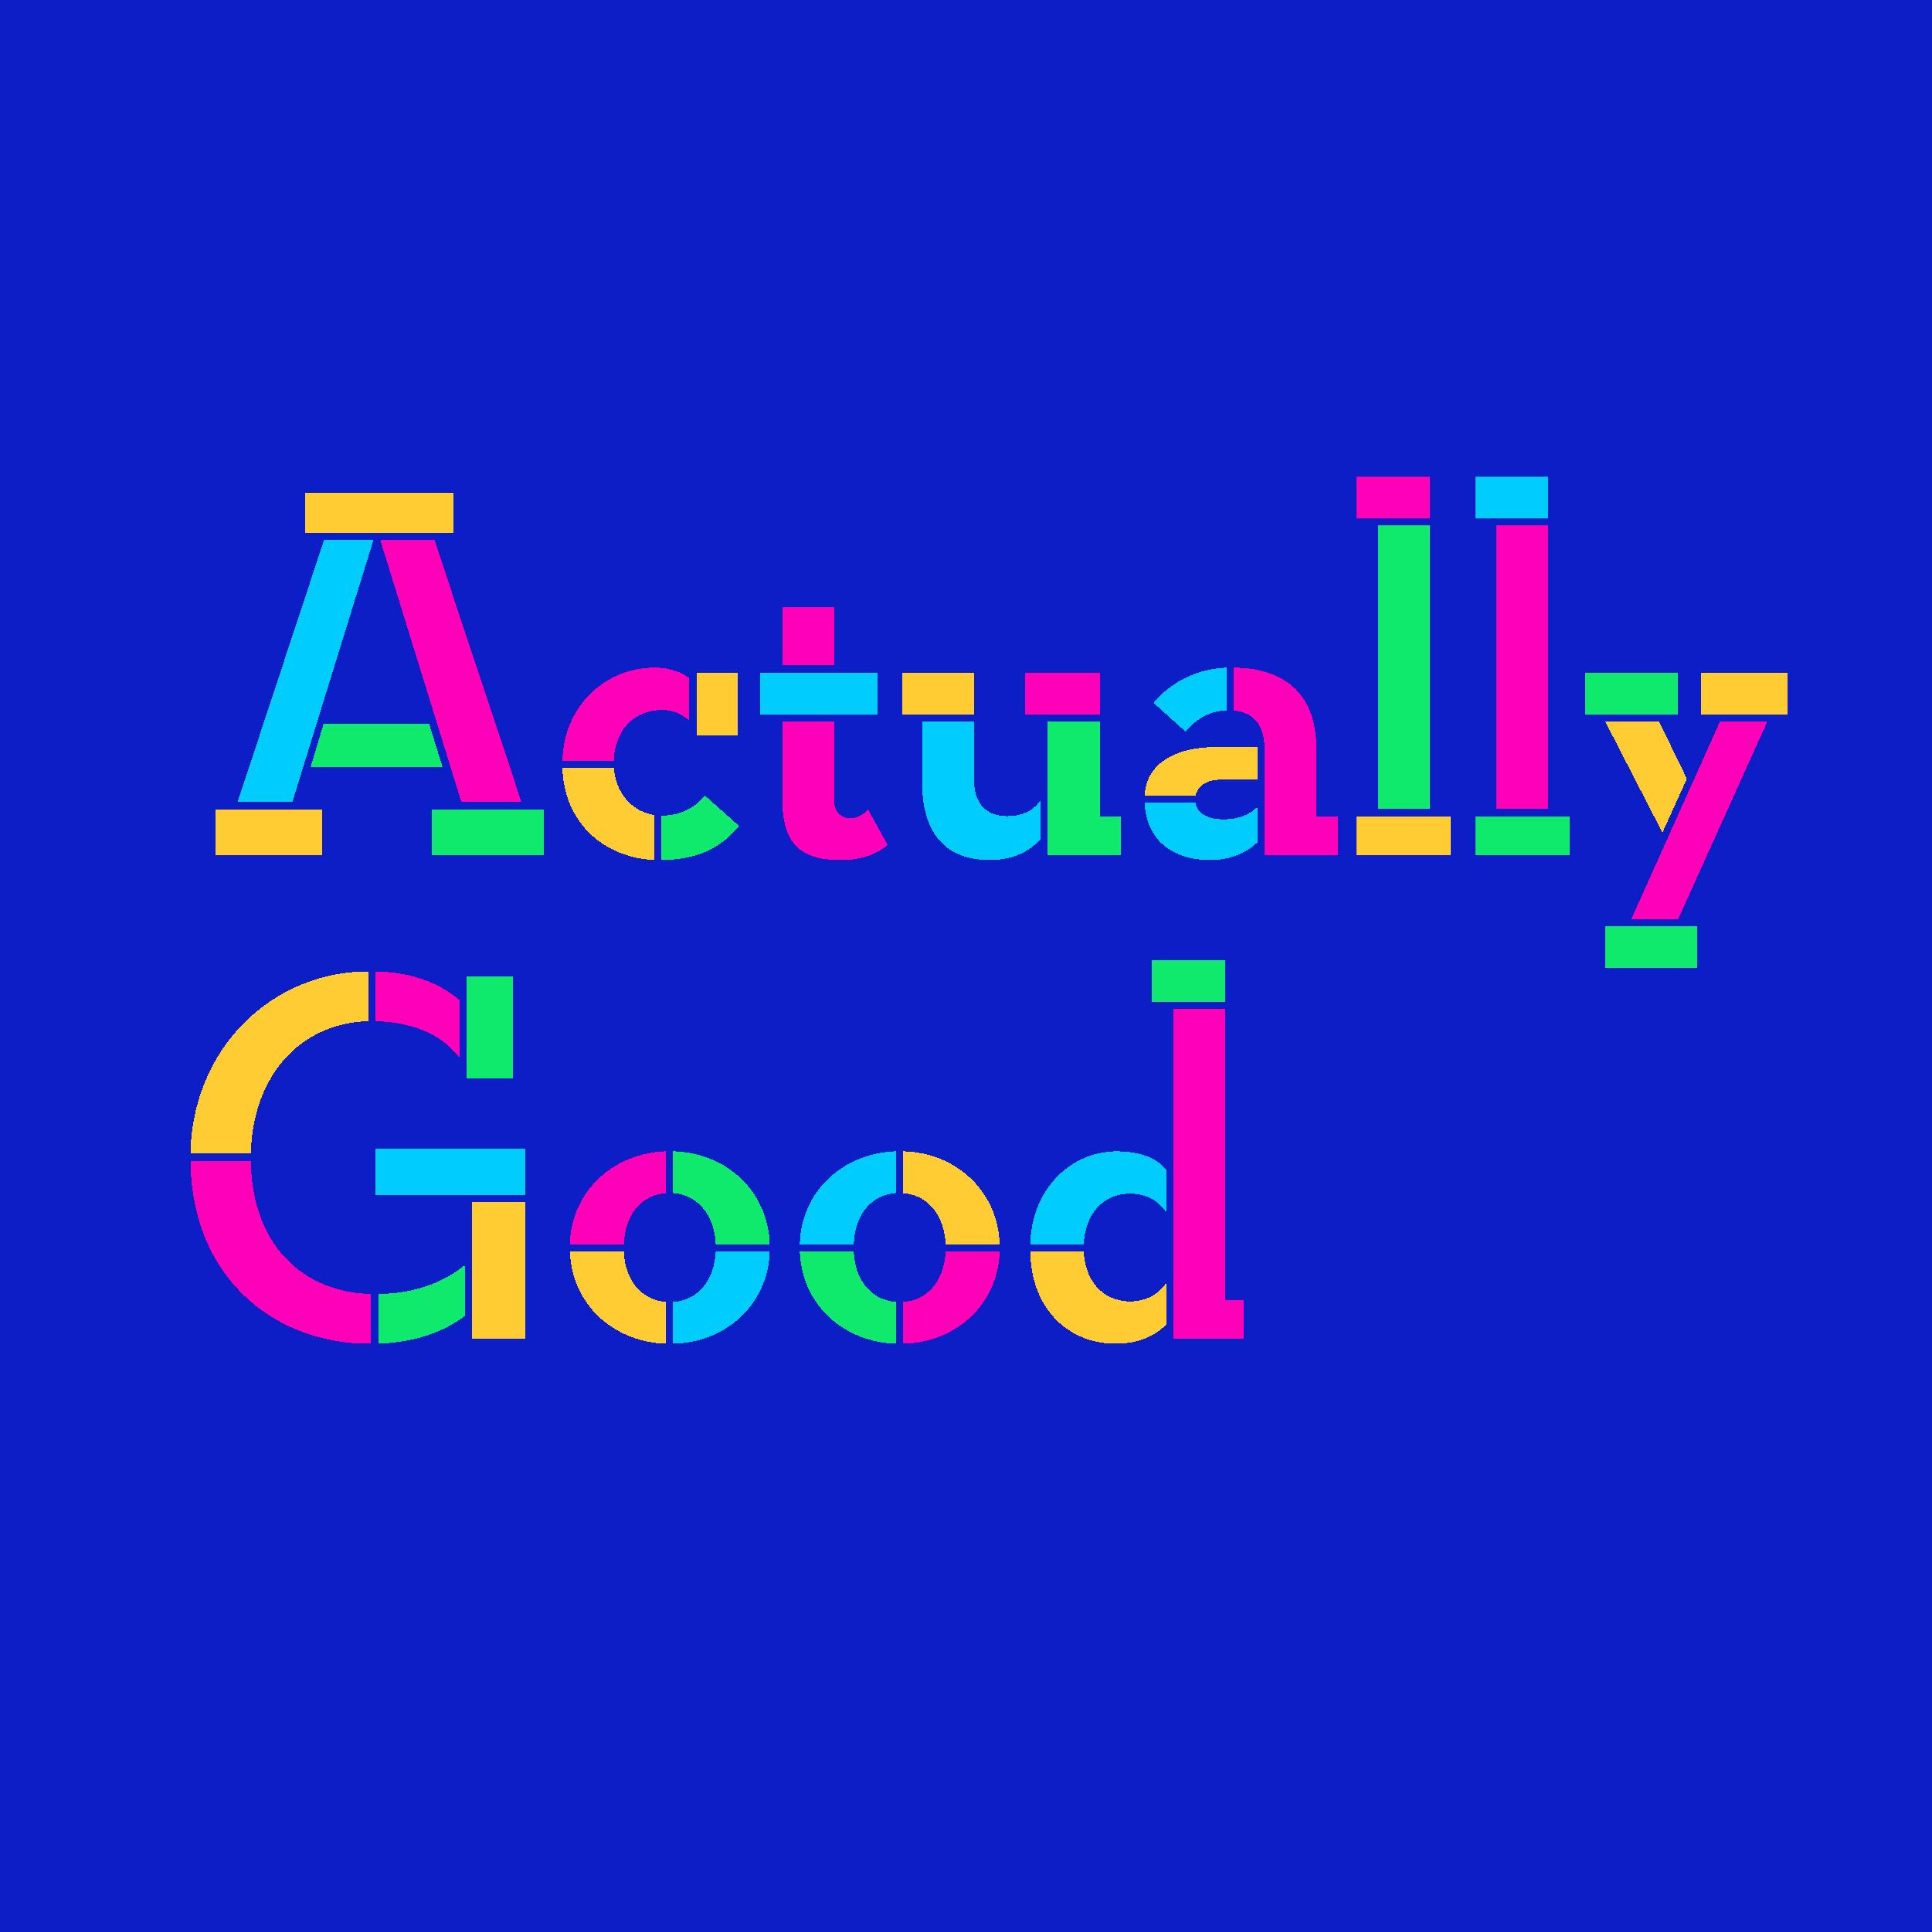 Actually Good